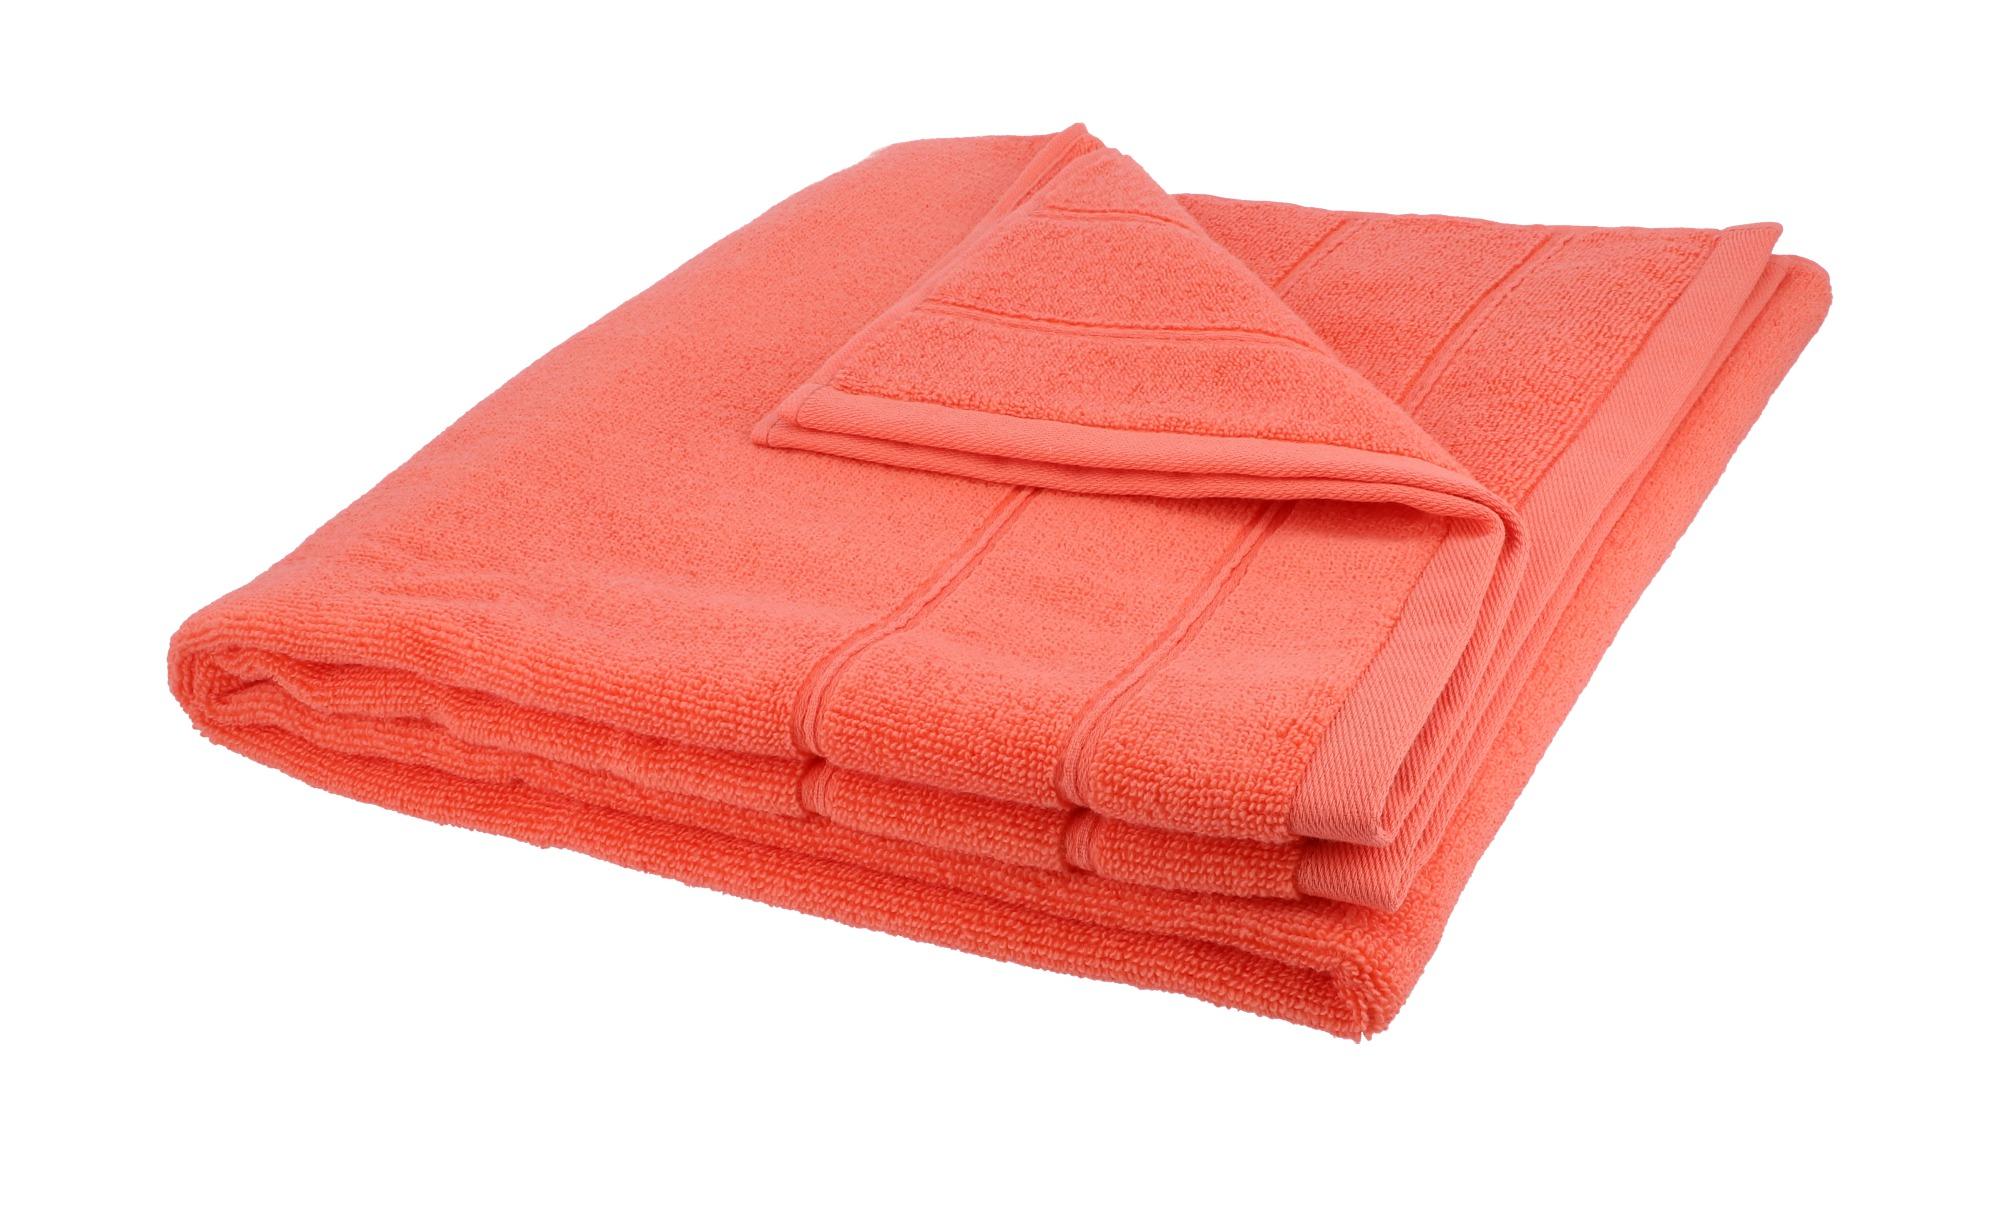 HOME STORY Duschtuch  Lifestyle ¦ orange ¦ reine Baumwolle ¦ Maße (cm): B: 70 Badtextilien und Zubehör > Handtücher & Badetücher > Duschtücher - Höffner